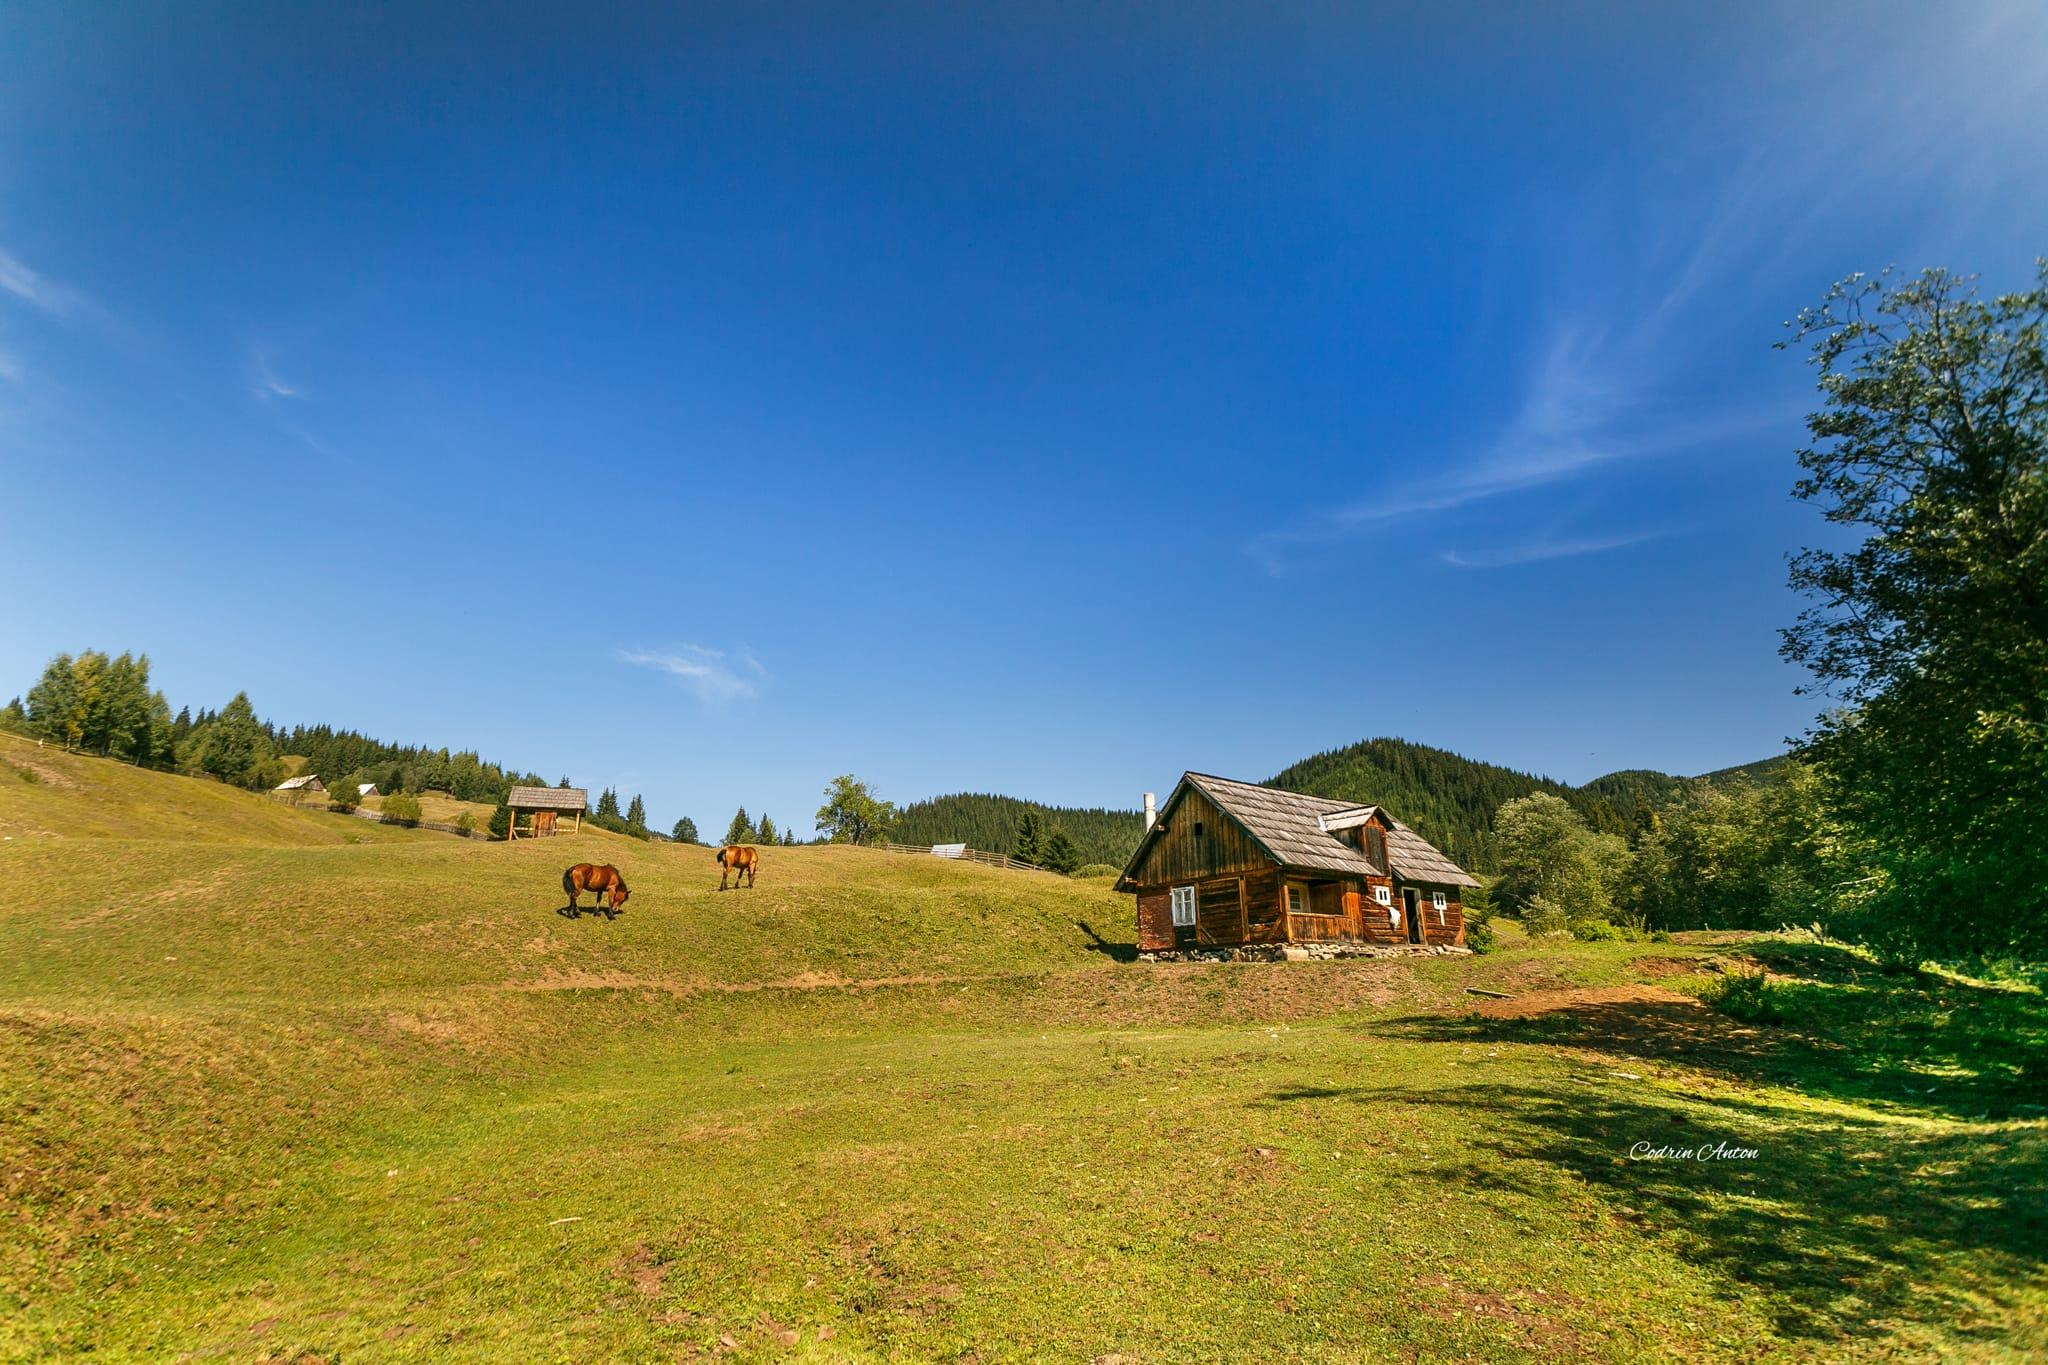 Hai-hui prin Bucovina 15